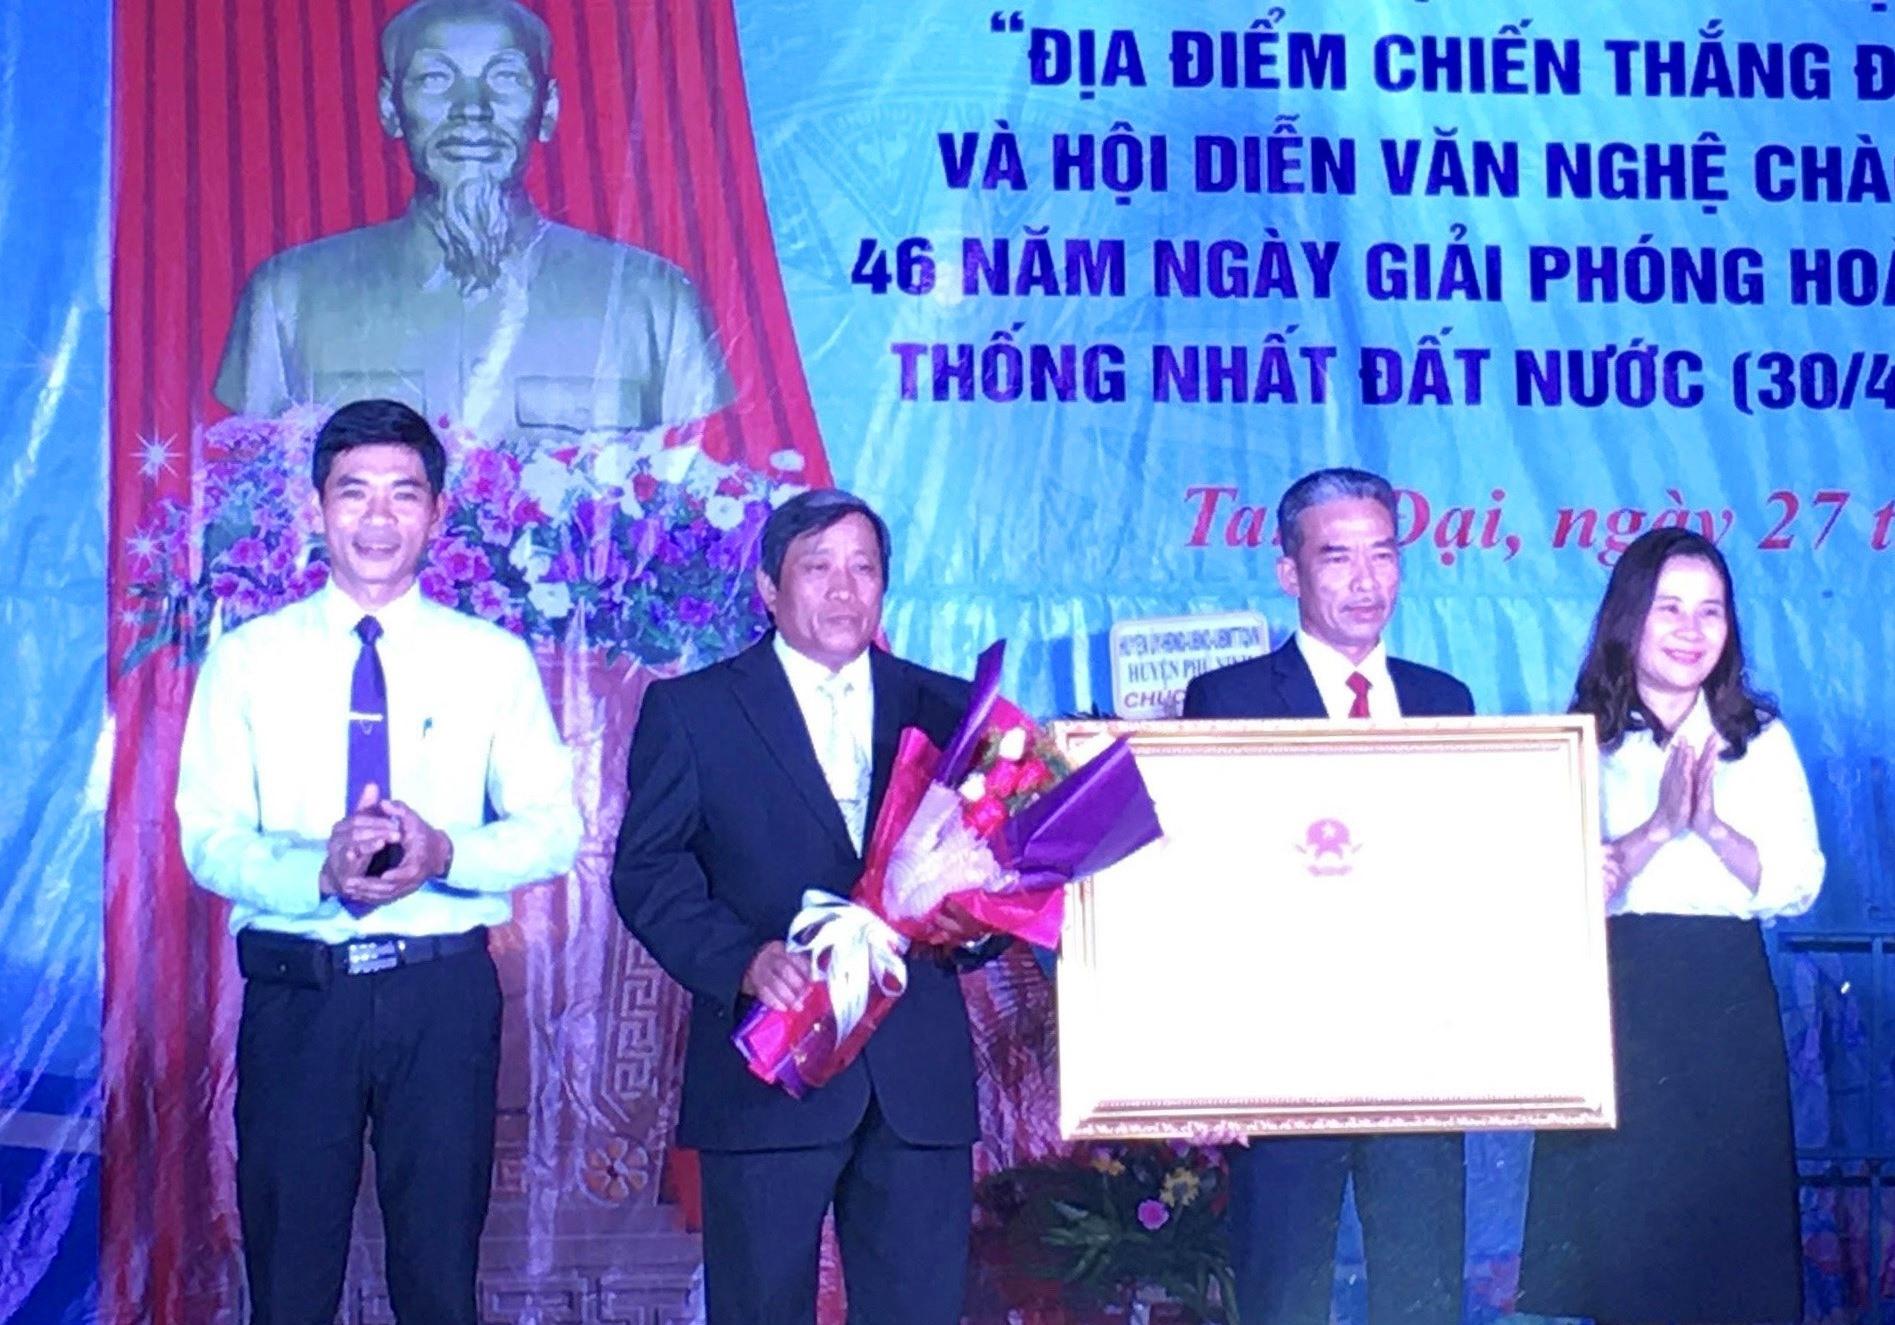 Lãnh đạo Sở VHTT-DL và huyện Phú Ninh trao Bằng di tích lịch sử cấp tỉnh địa điểm chiến thắng Chóp Chài cho lãnh đạo địa phương. Ảnh: H.C